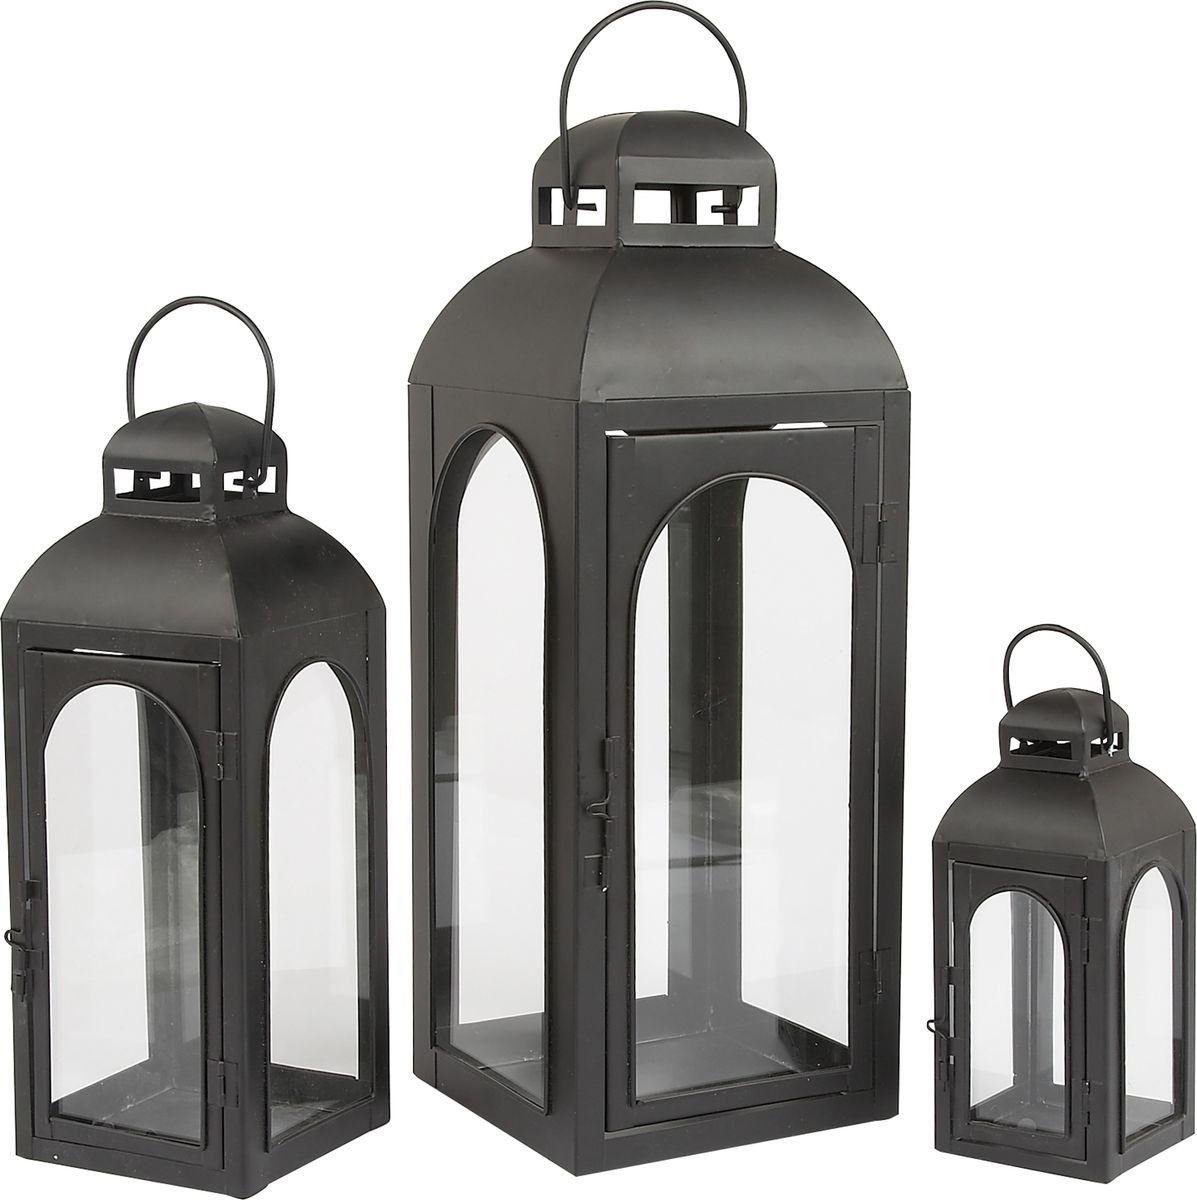 Набор фонарей Gardman, 3 шт, 45 см, 32 см, 20 см19714ADНабор из трех подсвечников станет прекрасным украшением вашего дома или сада. Подходит для чайных и прямых свечей. Свечи в комплект не включены.